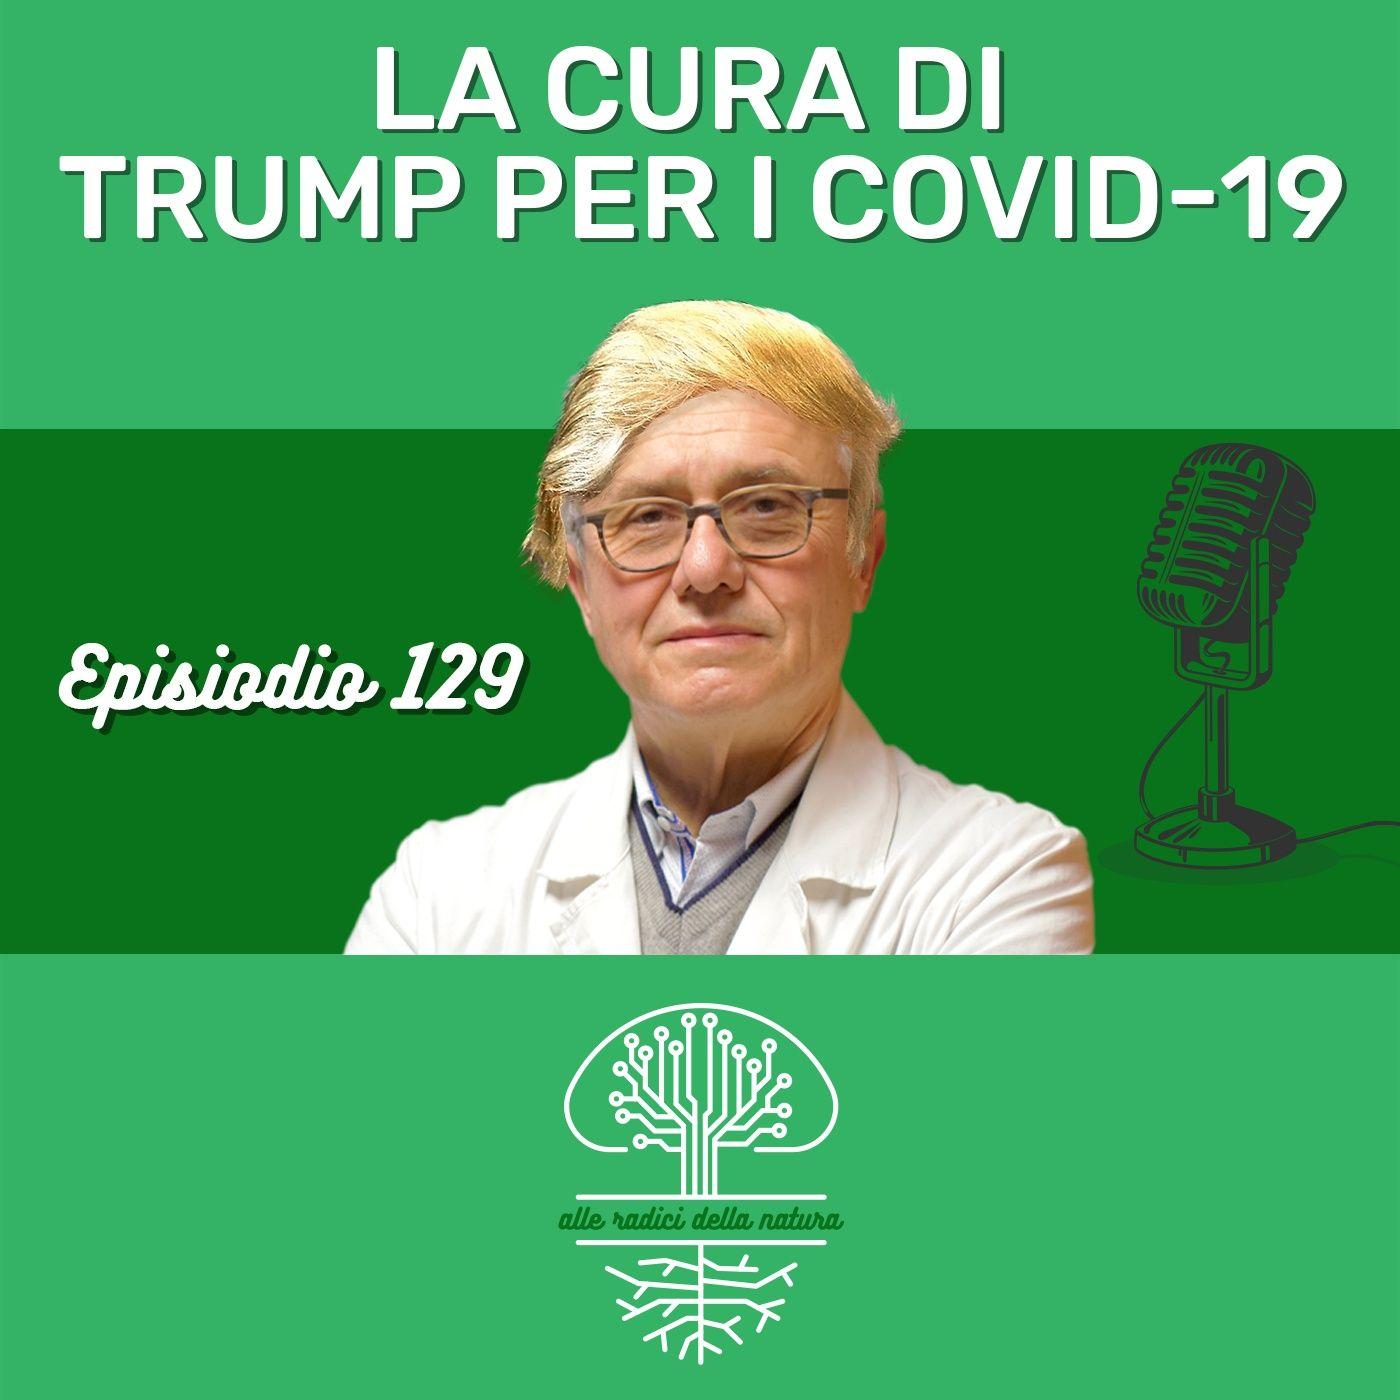 La cura di Trump per il Covid-19